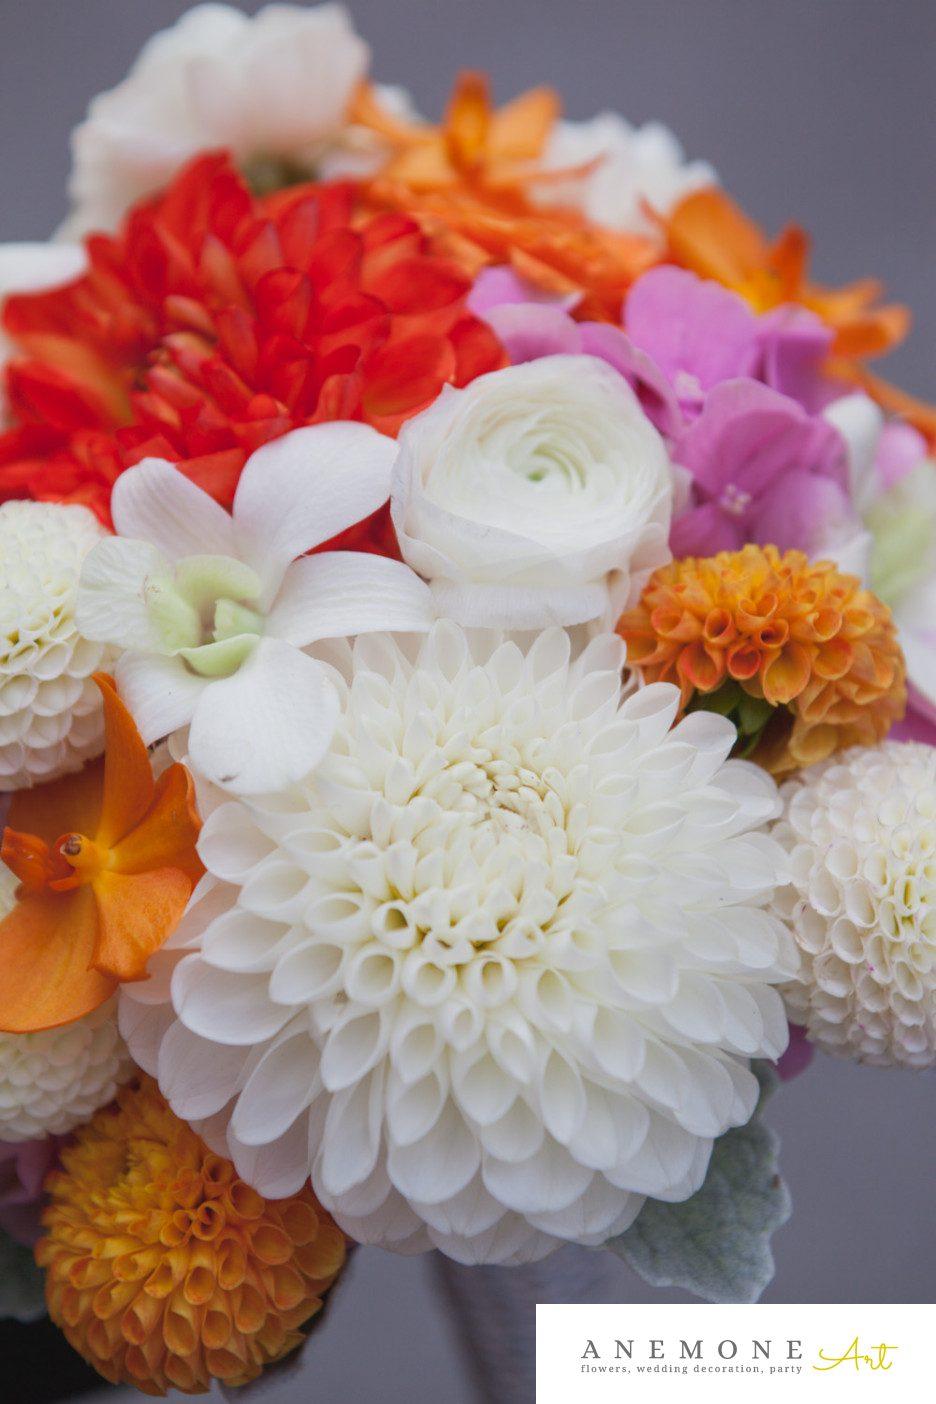 Poza, foto cu Flori de nunta buchet mireasa, dalia, orhidee, portocaliu, ranunculus in Arad, Timisoara, Oradea (wedding flowers, bouquets) nunta Arad, Timisoara, Oradea